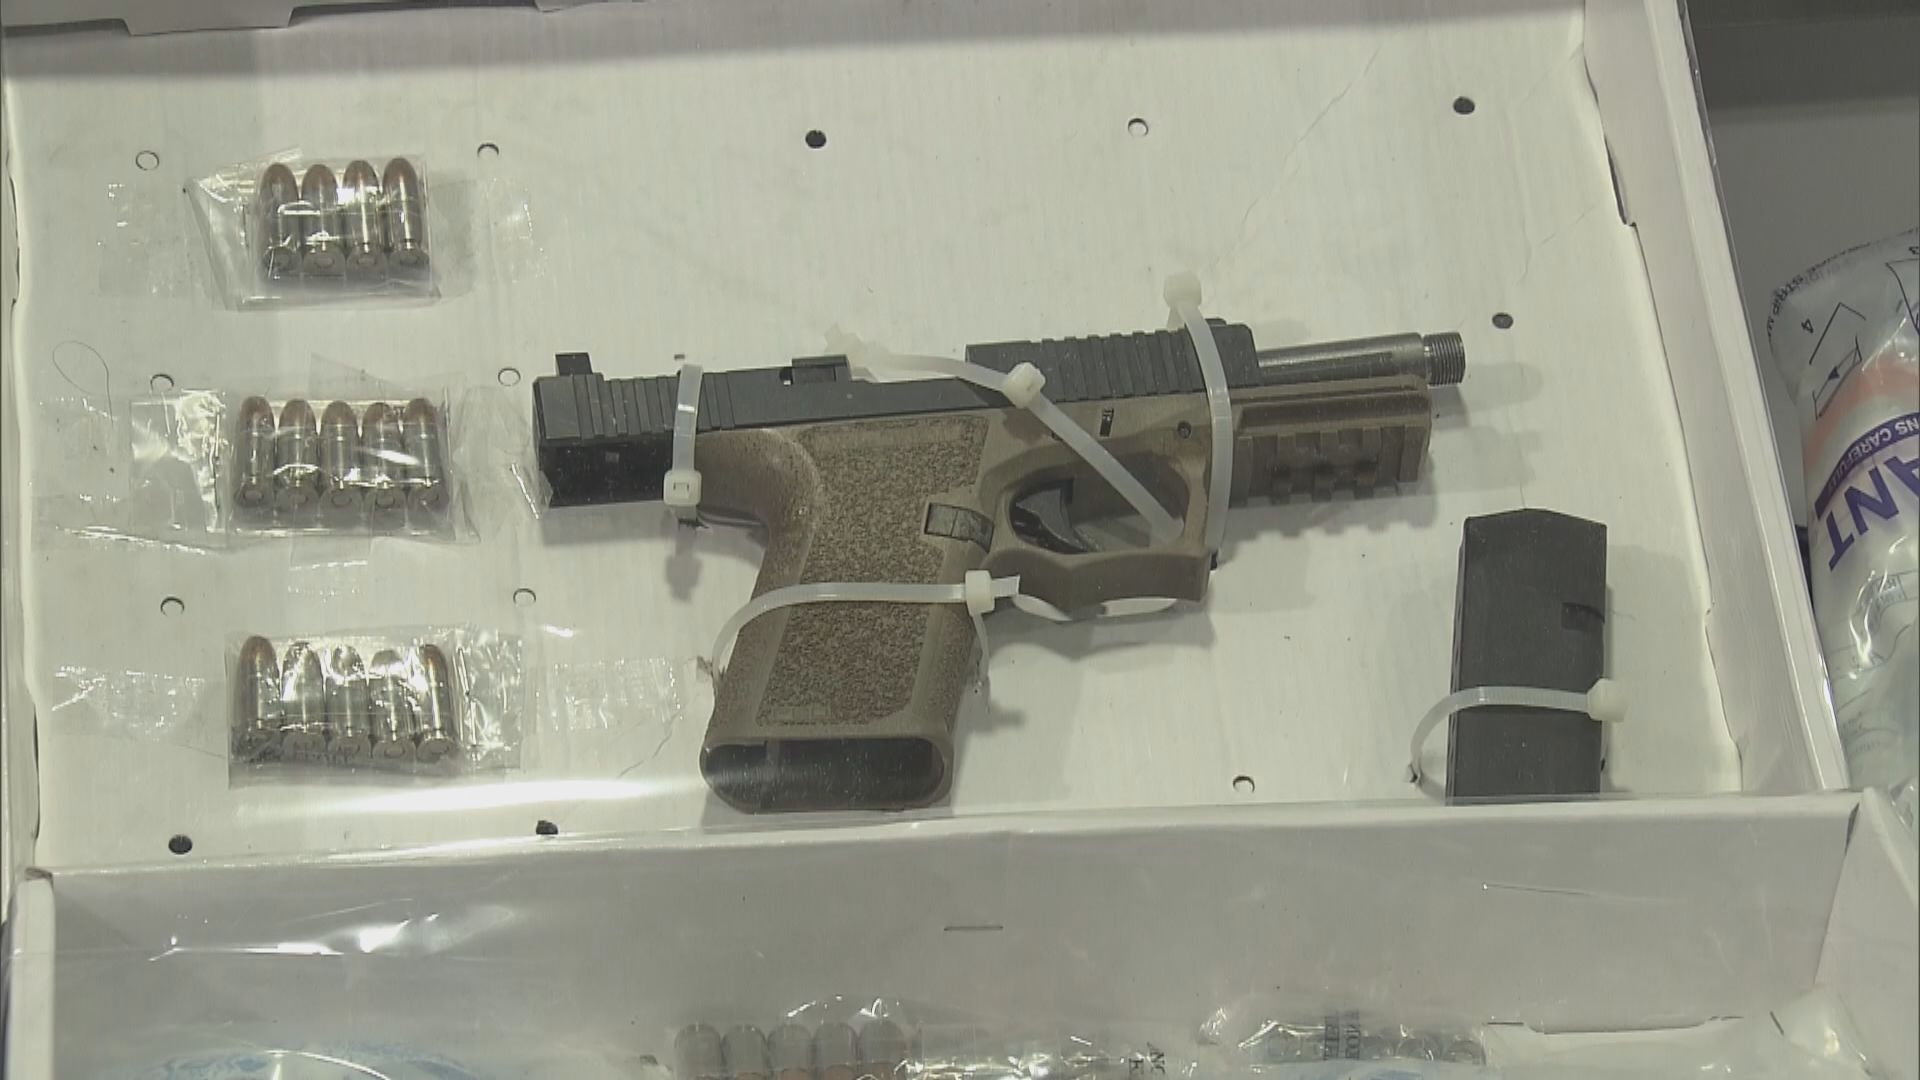 沙田住所藏手槍案五月再訊 被告不准保釋